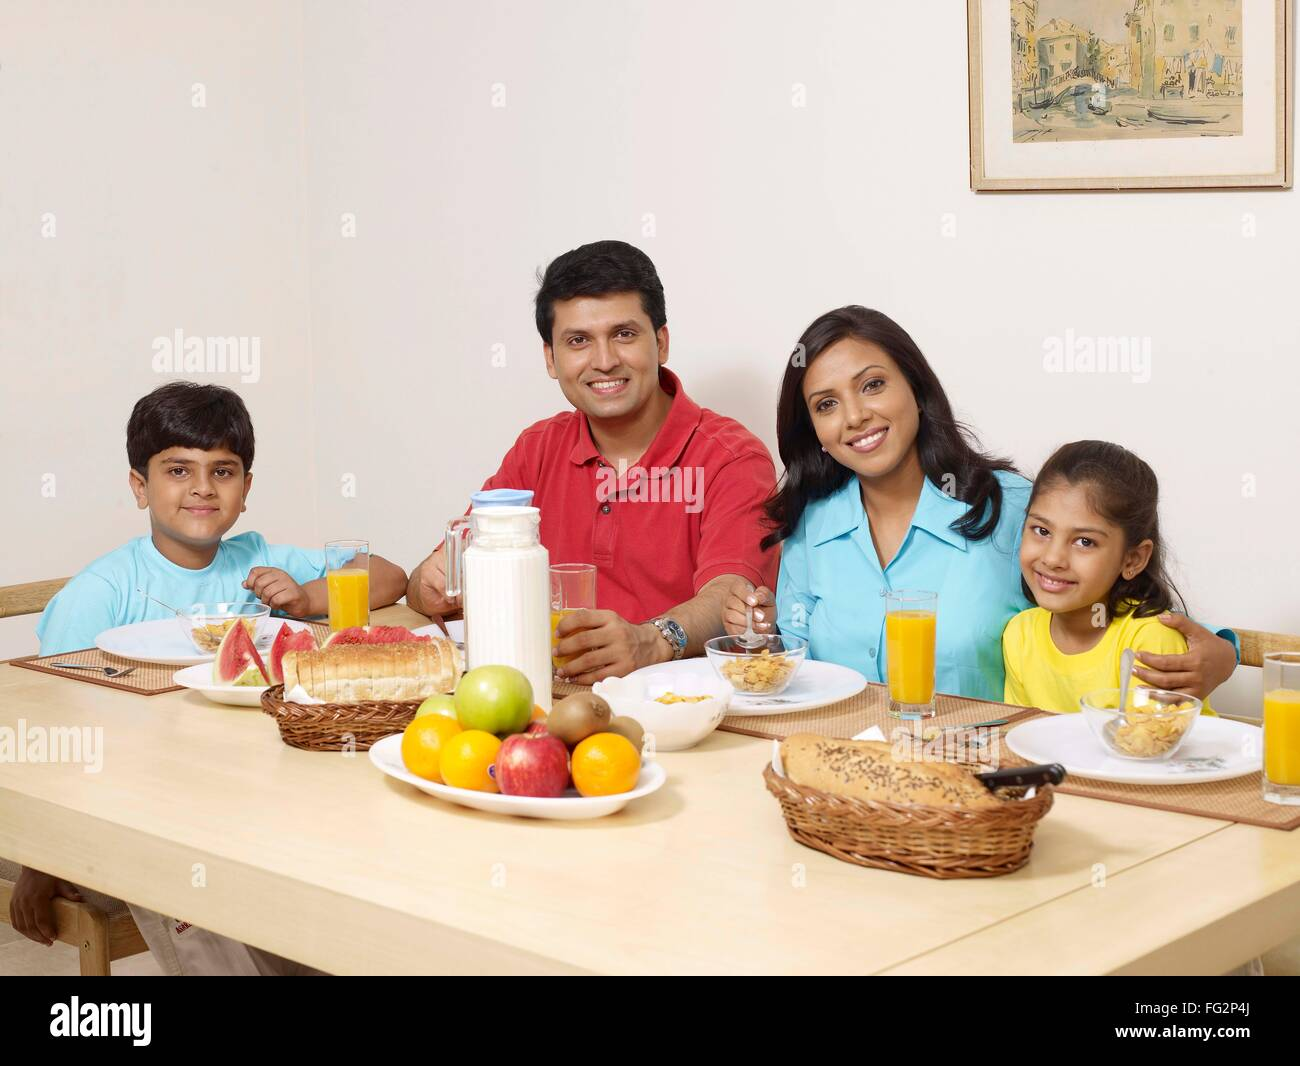 manger avec à table parents des sur une assis Les enfants 7mfgy6vIYb